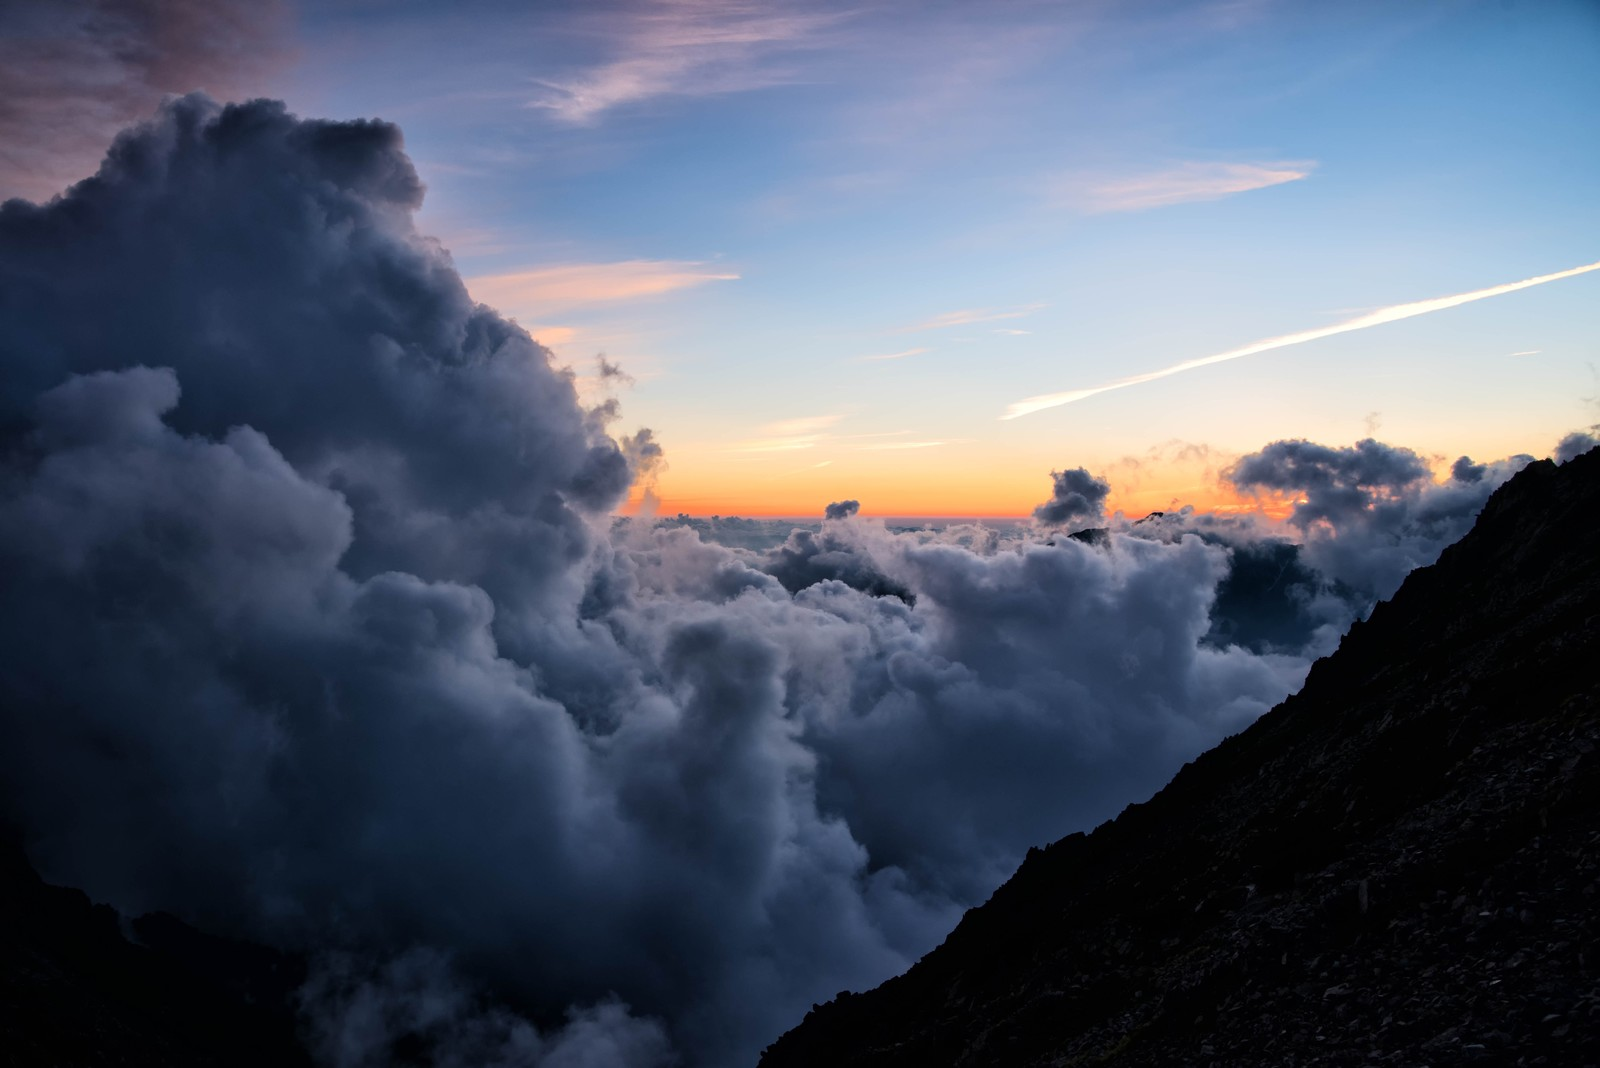 「夕暮れに沸く積雲夕暮れに沸く積雲」のフリー写真素材を拡大